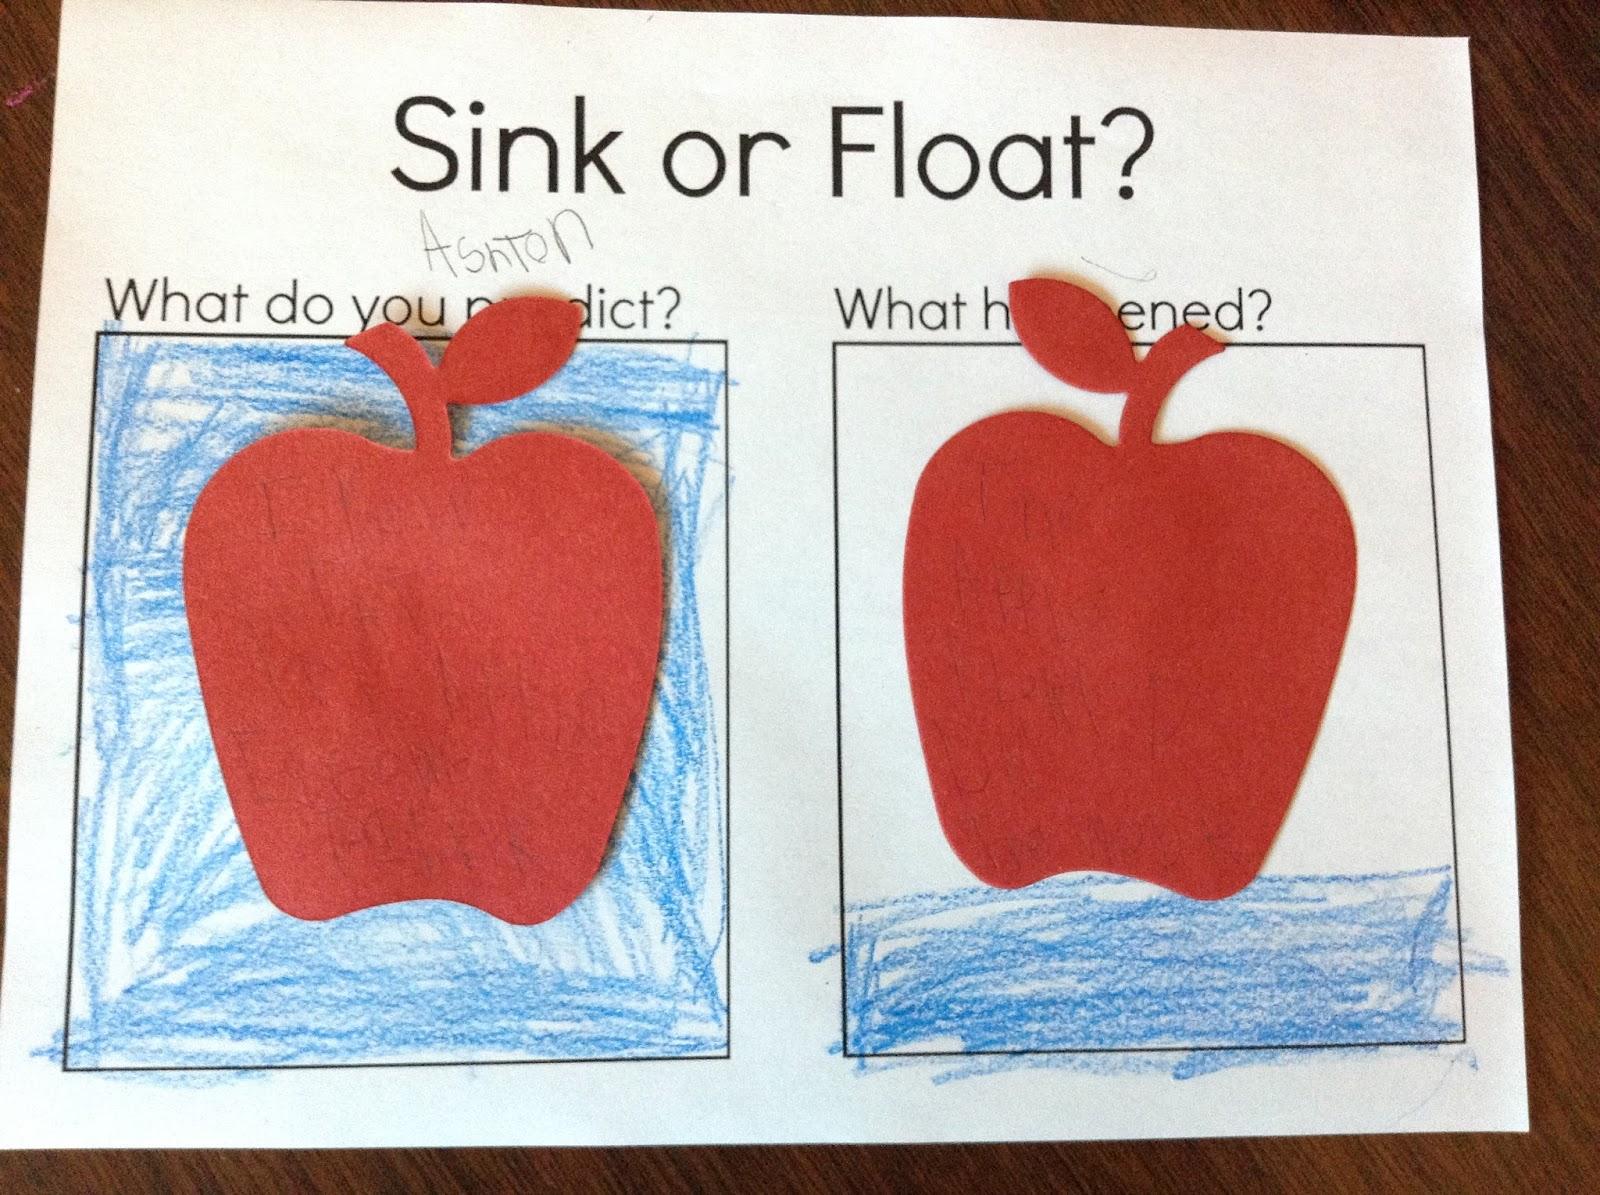 Do Apples Float Or Sink